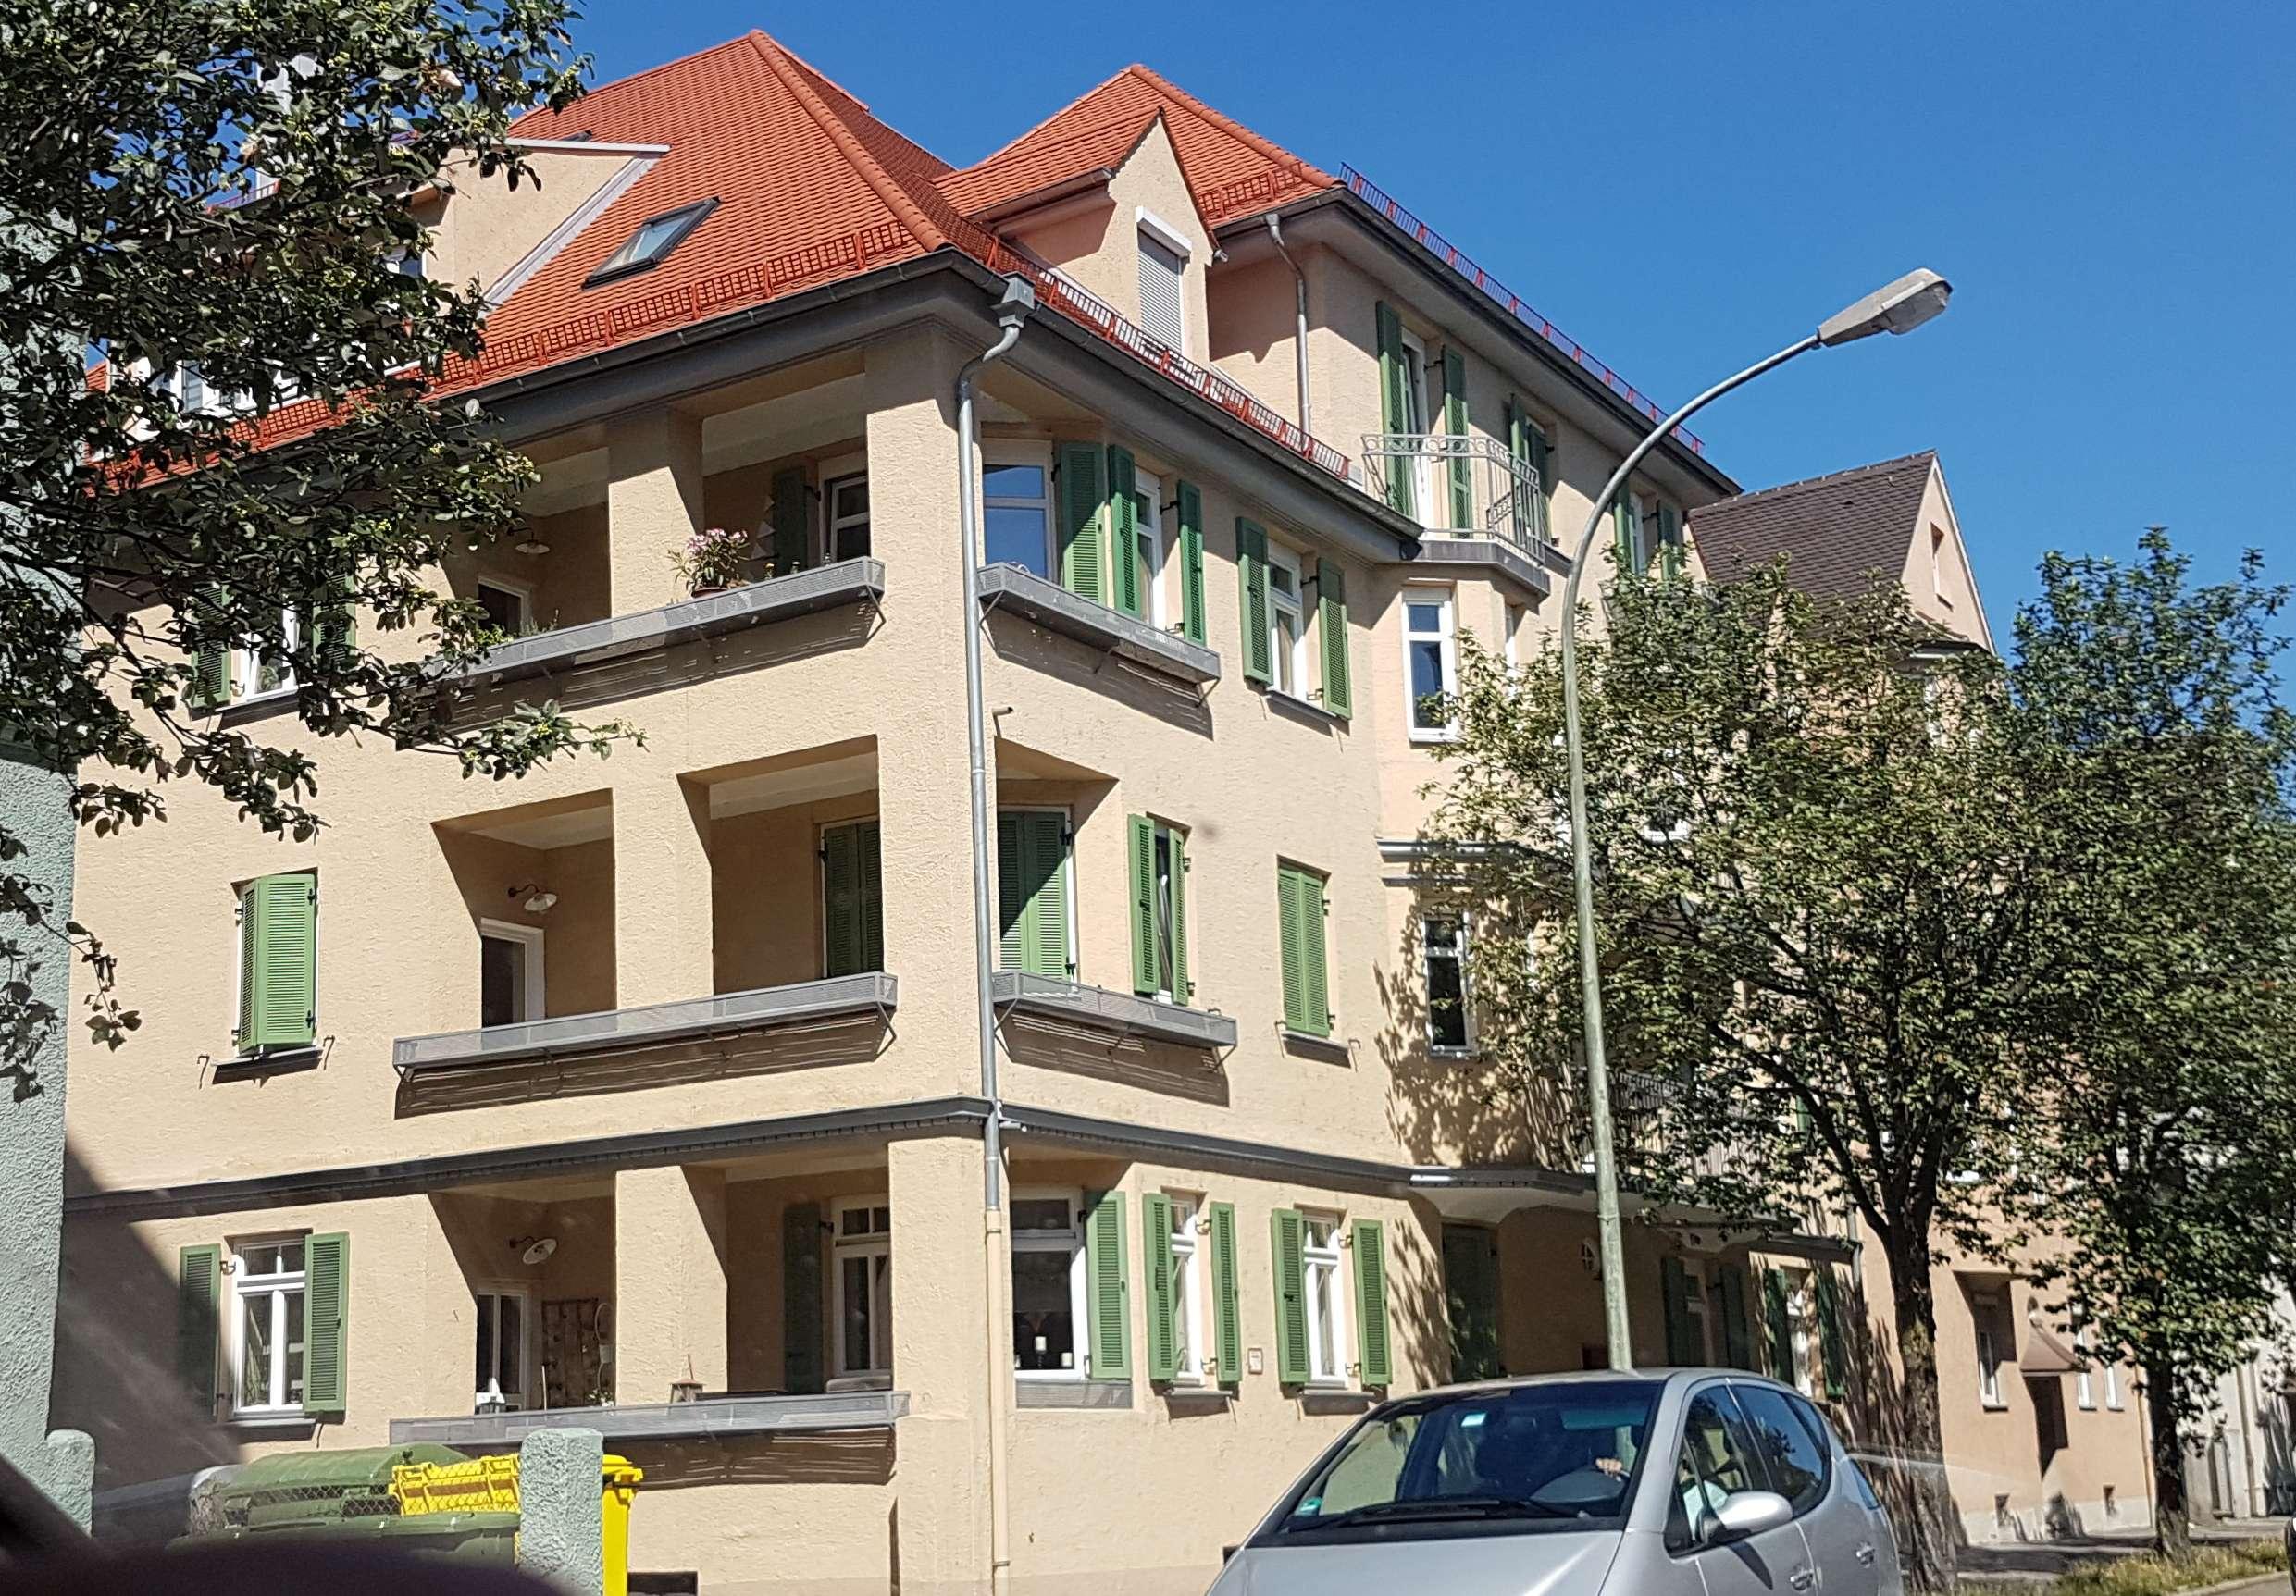 Elegante 4-Zimmer-Wohnung in Augsburg am Hauptbahnhof in Augsburg-Innenstadt